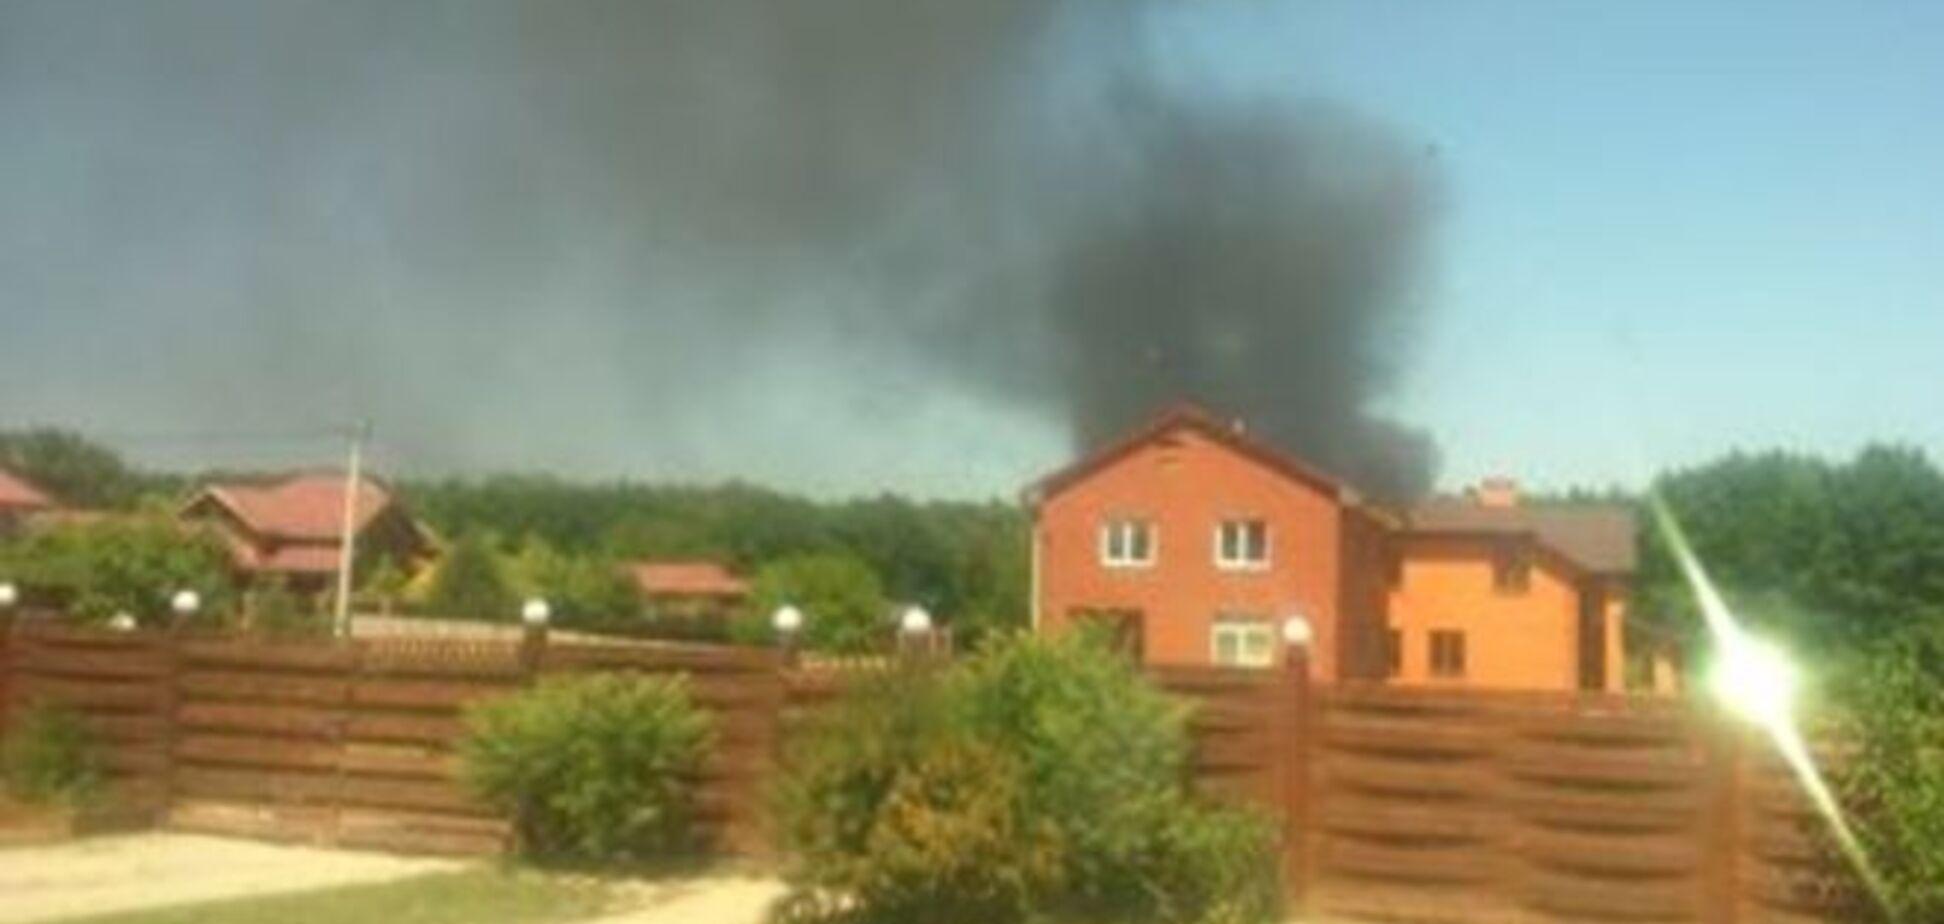 Без паники! Мэр Василькова пролил свет на ситуацию с пожаром